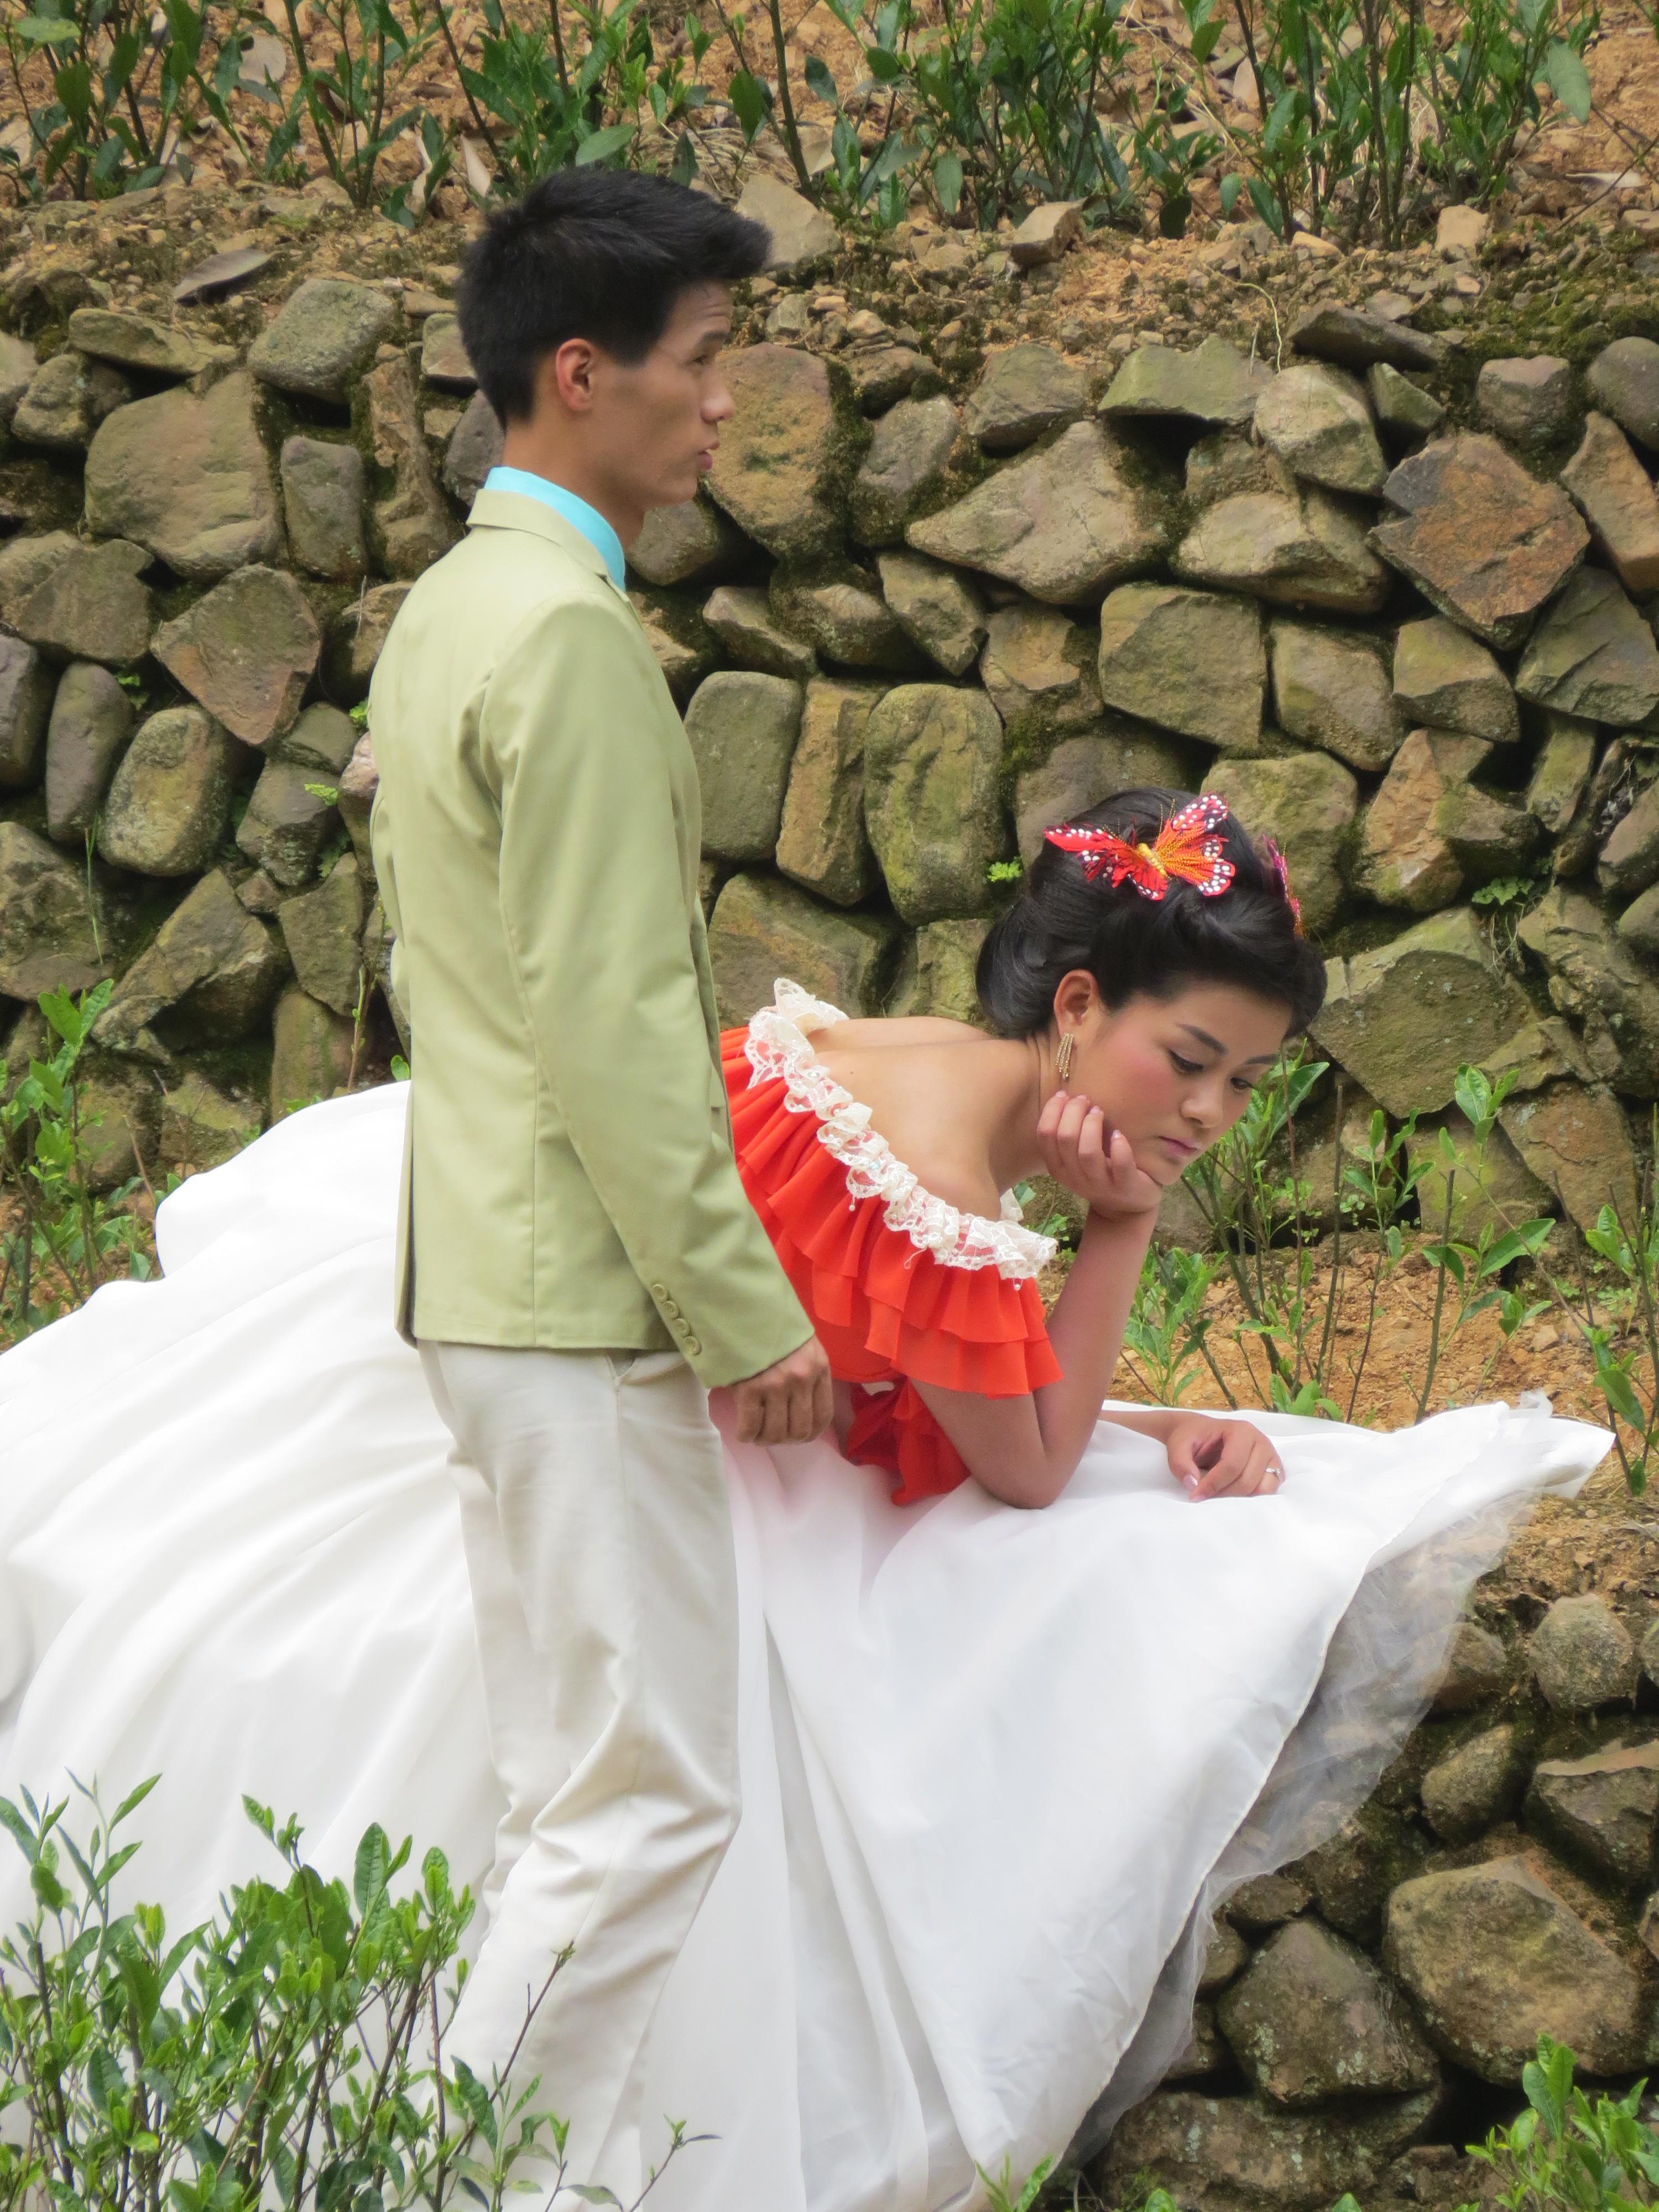 ślub w Chinach, para młoda w Chinach, Chiny, znaczenie kolorów w Chinach, żałoba w Chinach